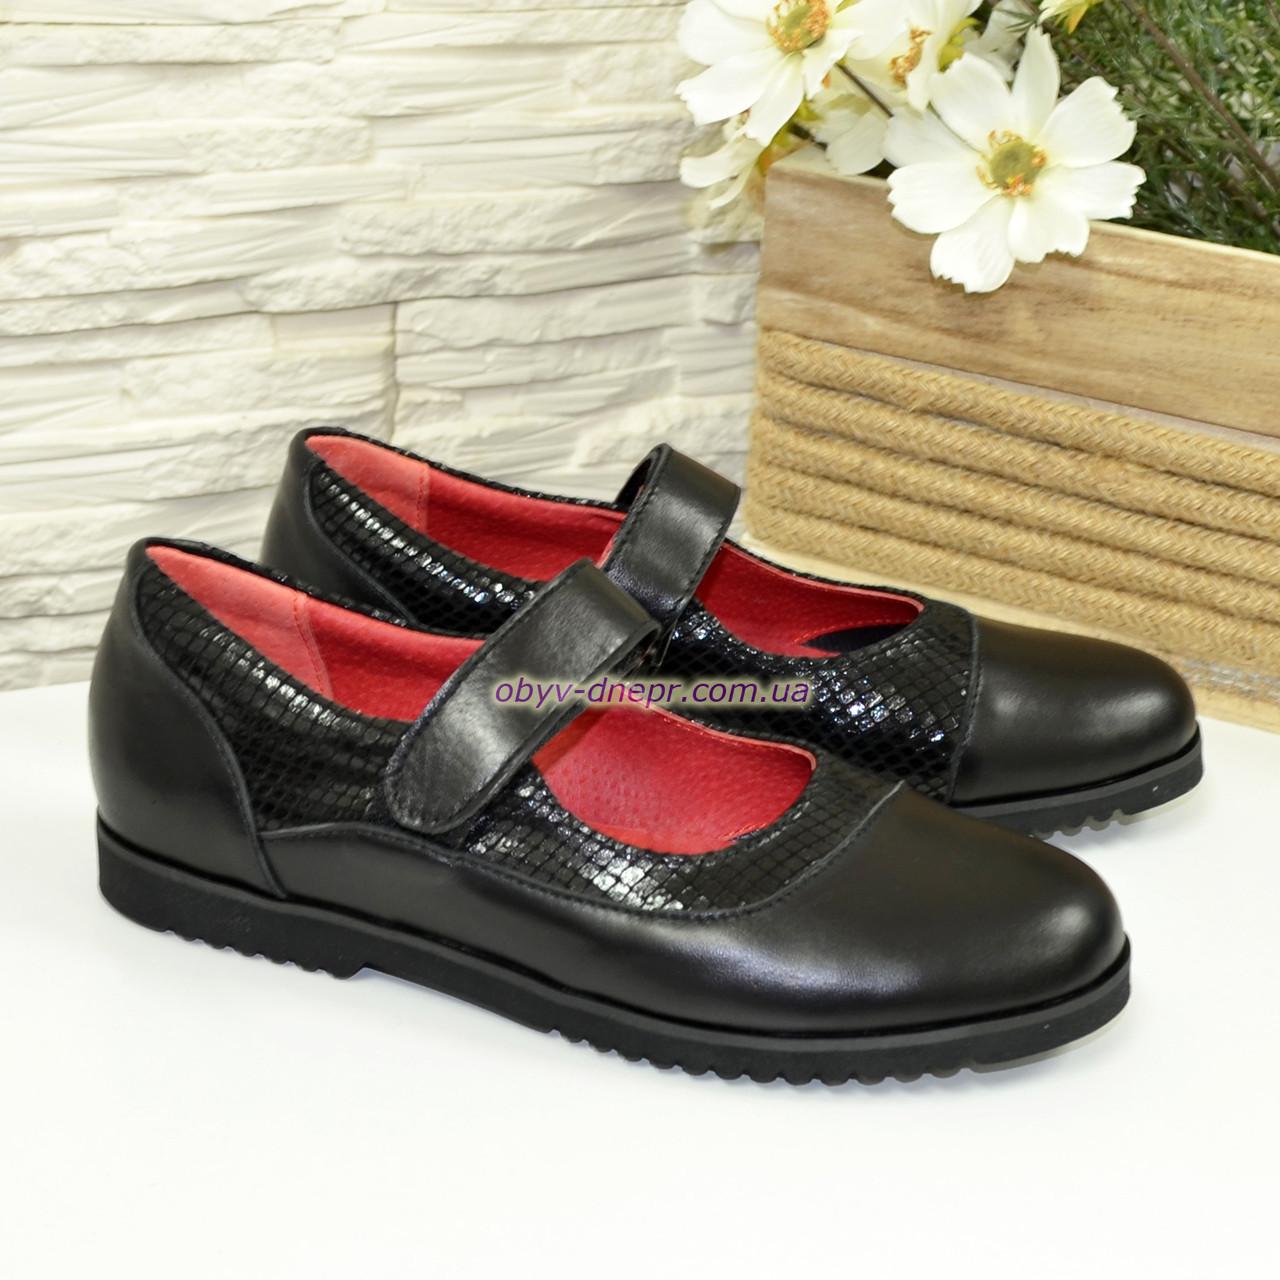 Туфли школьные черные для девочки, натуральная кожа и замша.